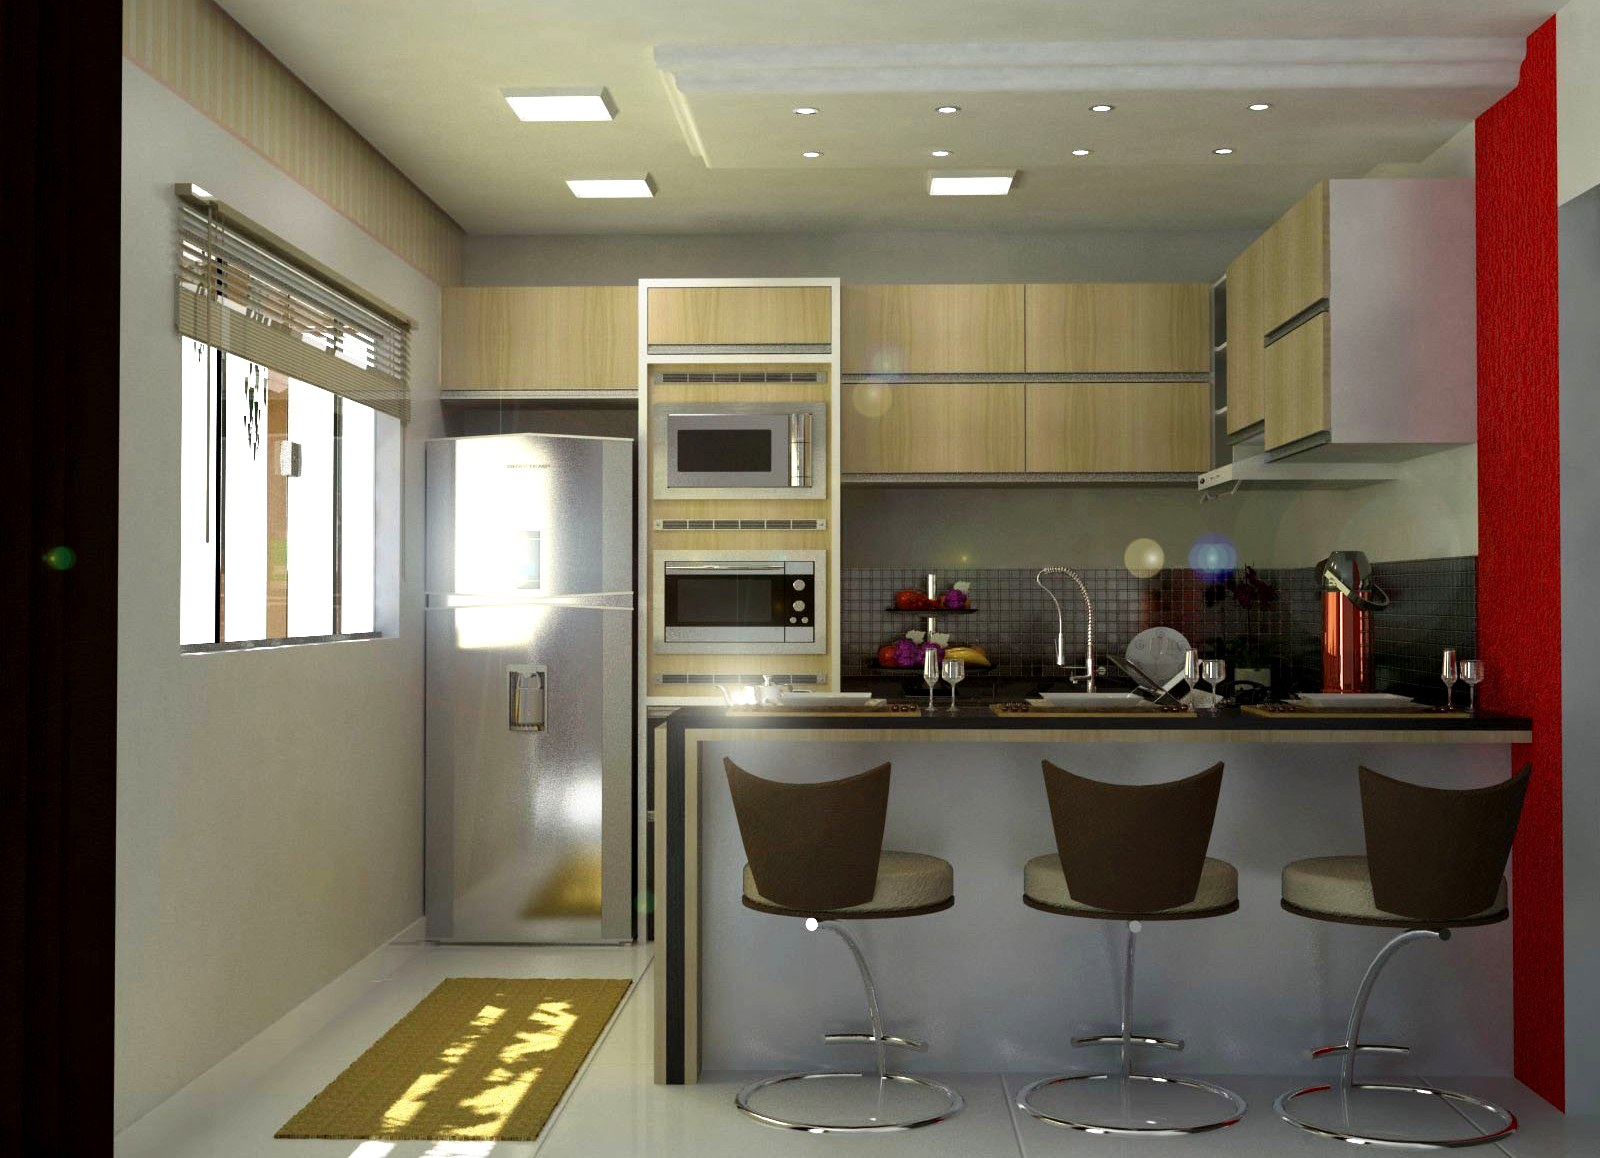 #73211A PROJETO DE MÓVEIS 3D: Cozinha Pequena 1600x1158 px Projeto De Cozinha Com Sala Pequena #2847 imagens